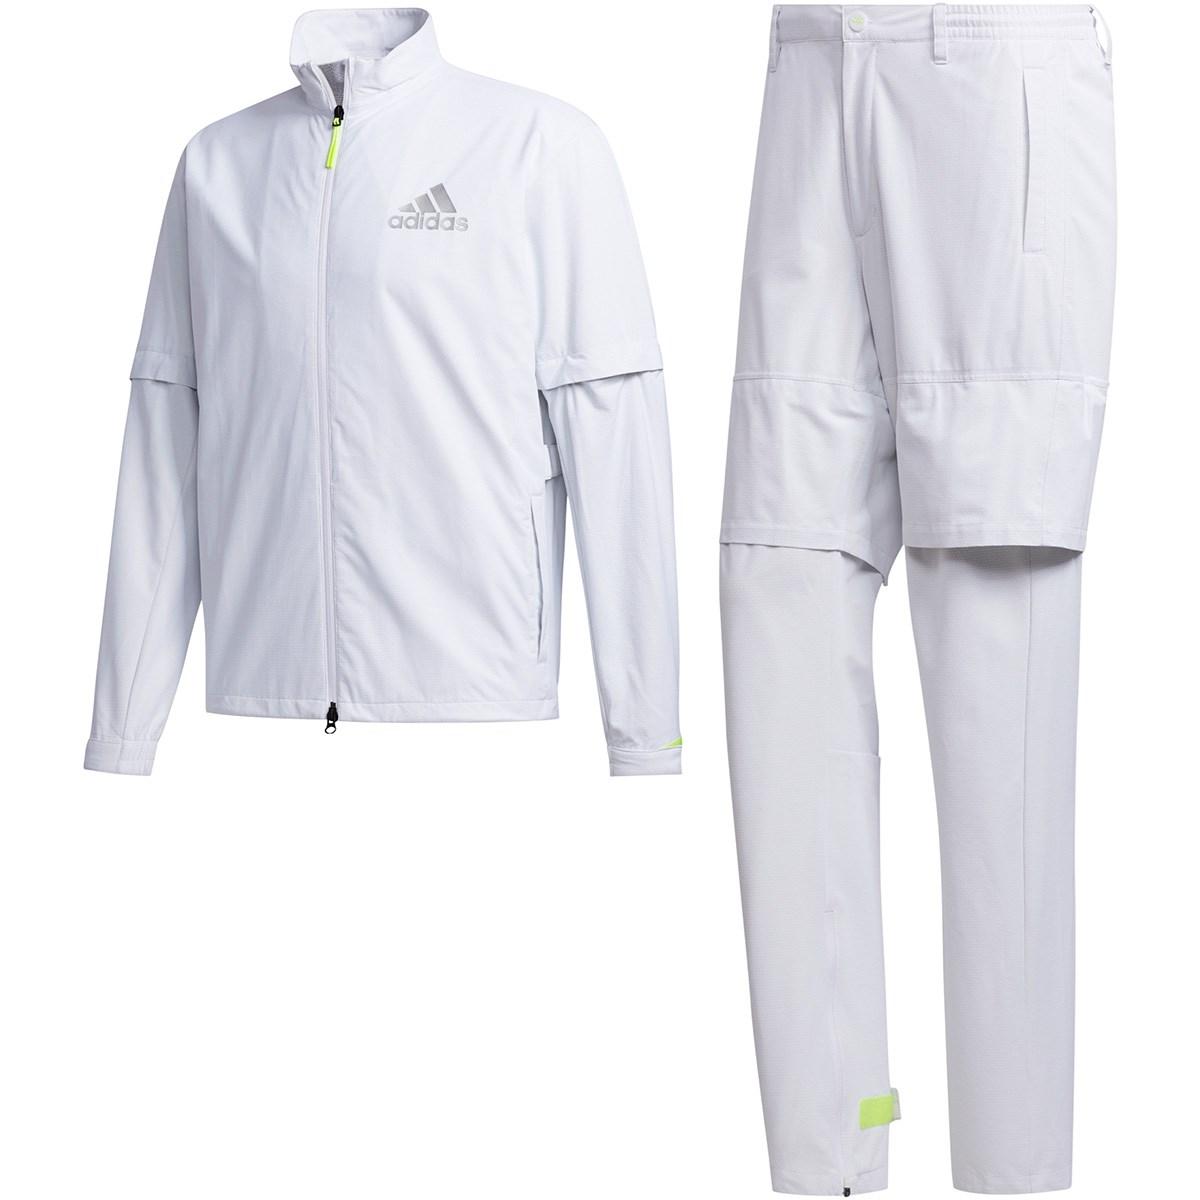 アディダス Adidas ハイストレッチ レインウェア上下セット S ホワイト